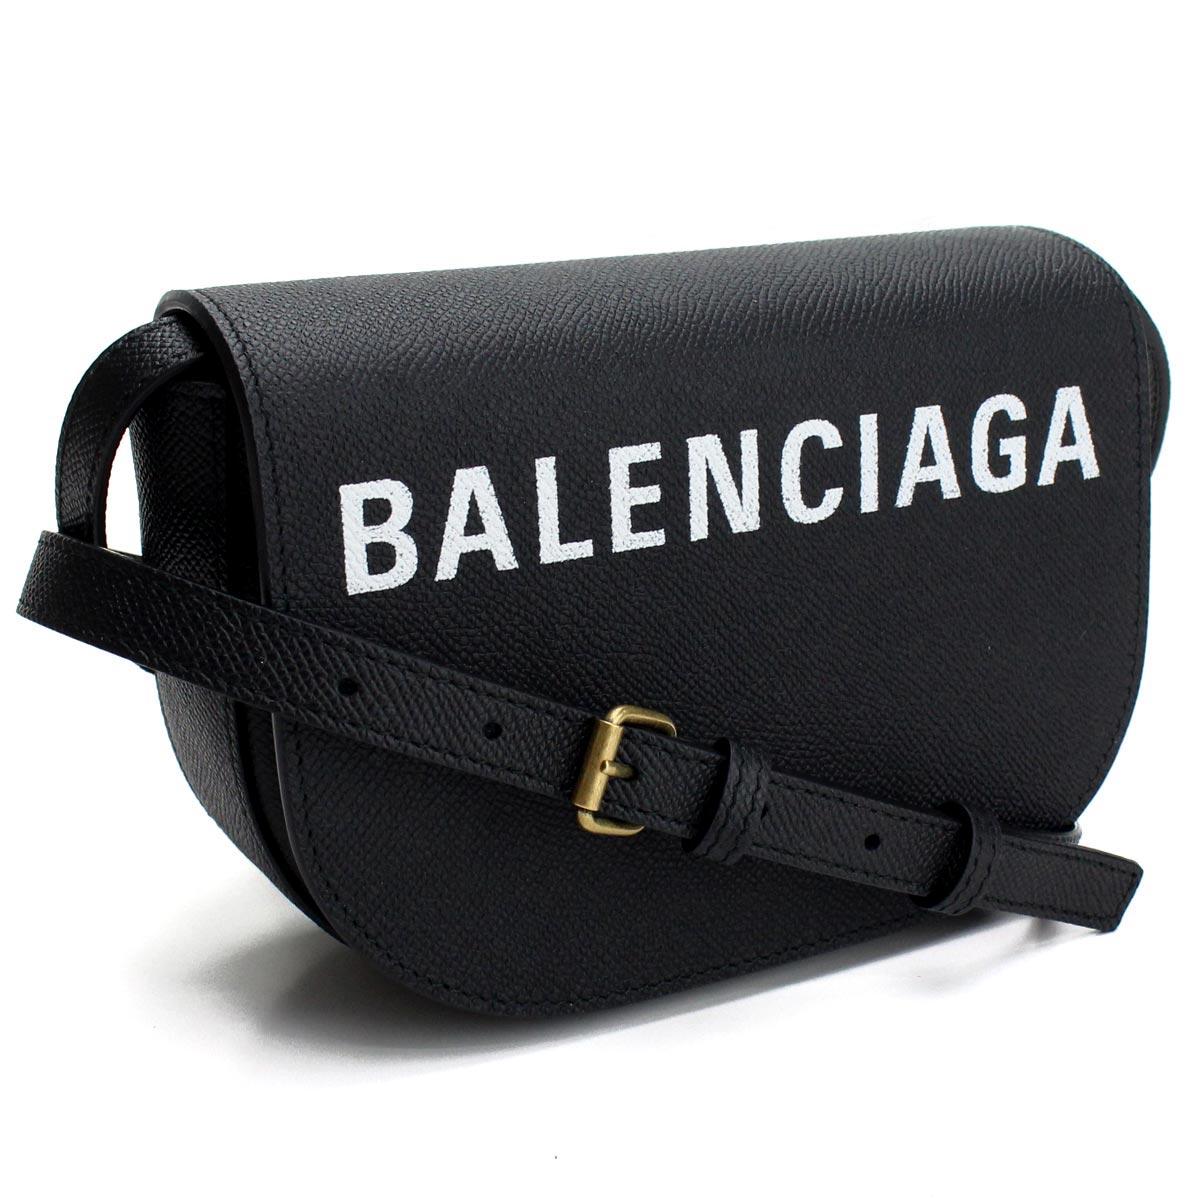 バレンシアガ BALENCIAGA VILLE ヴィル 斜め掛け ショルダーバッグ 550639 0OTDM 1000 BLACK/L WHITE ブラック レディース